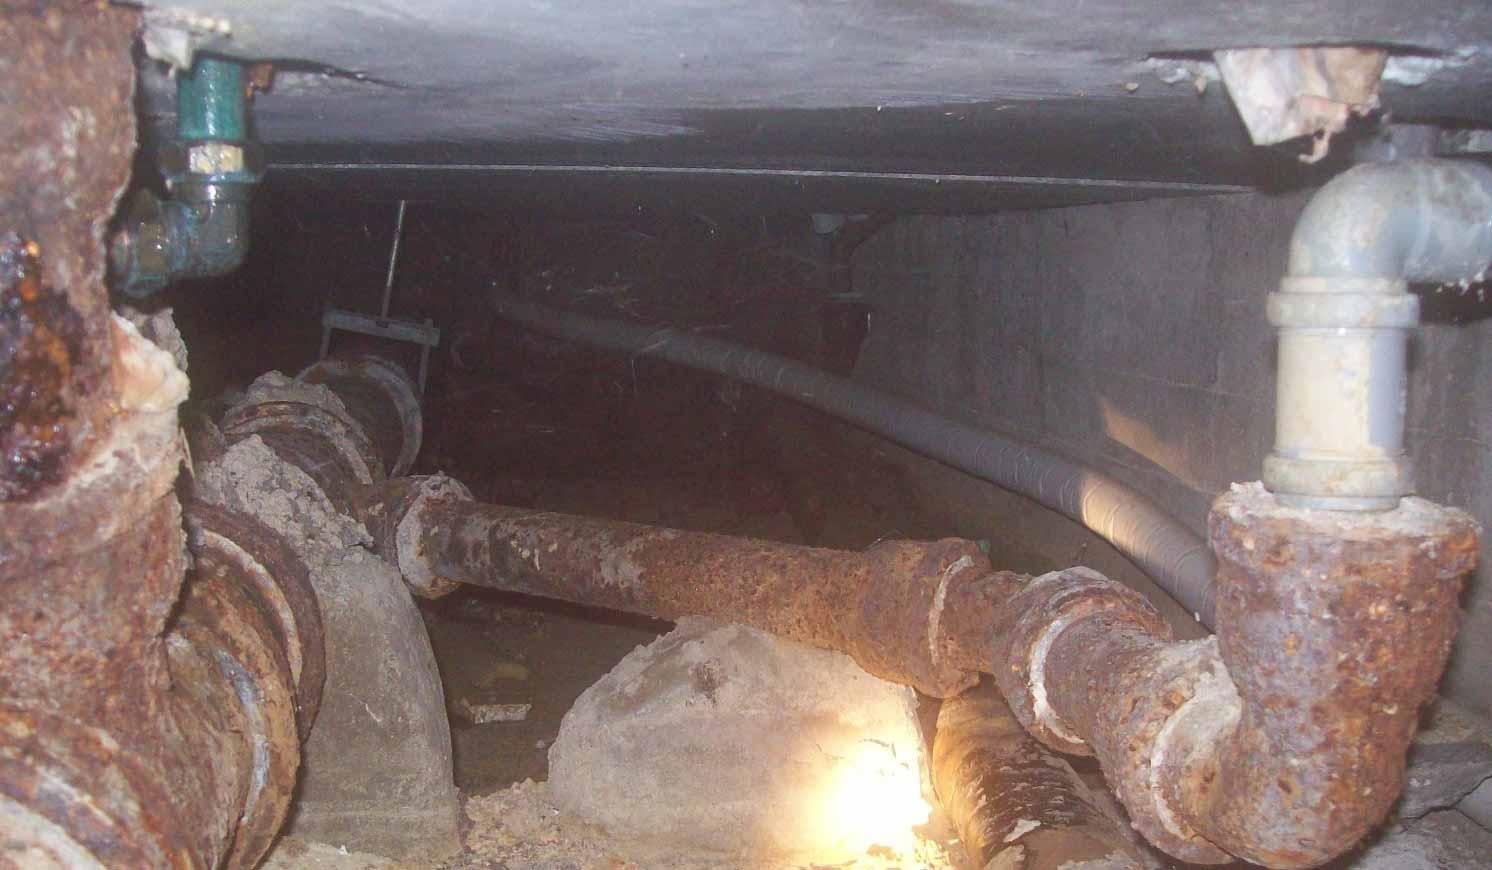 Badkamer Wasbak Verstopt : Wasbak verstopt afvoer gootsteen verstopt beste en decoraties